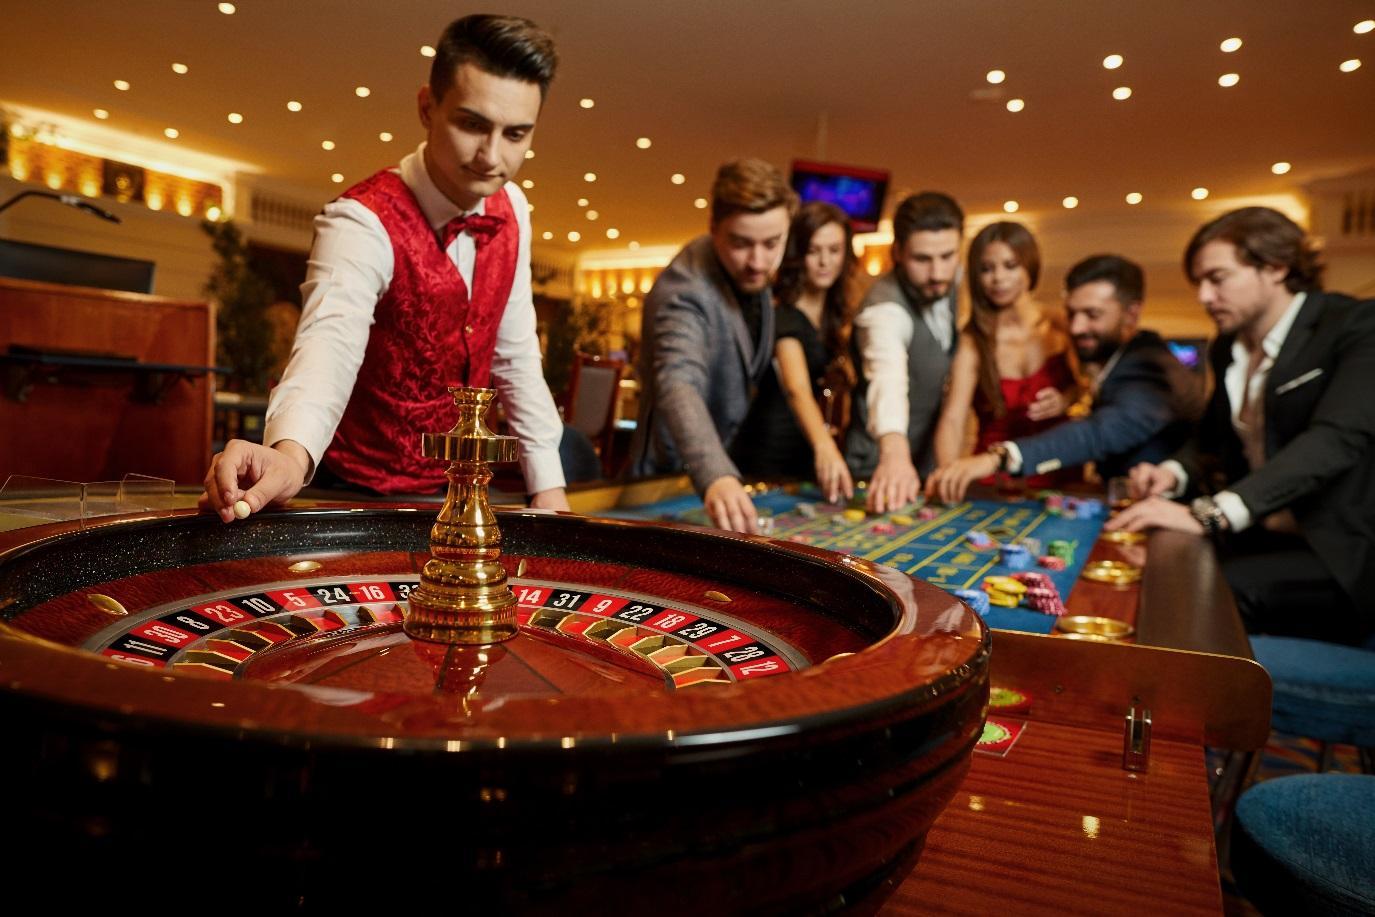 Best casino games online to make fun